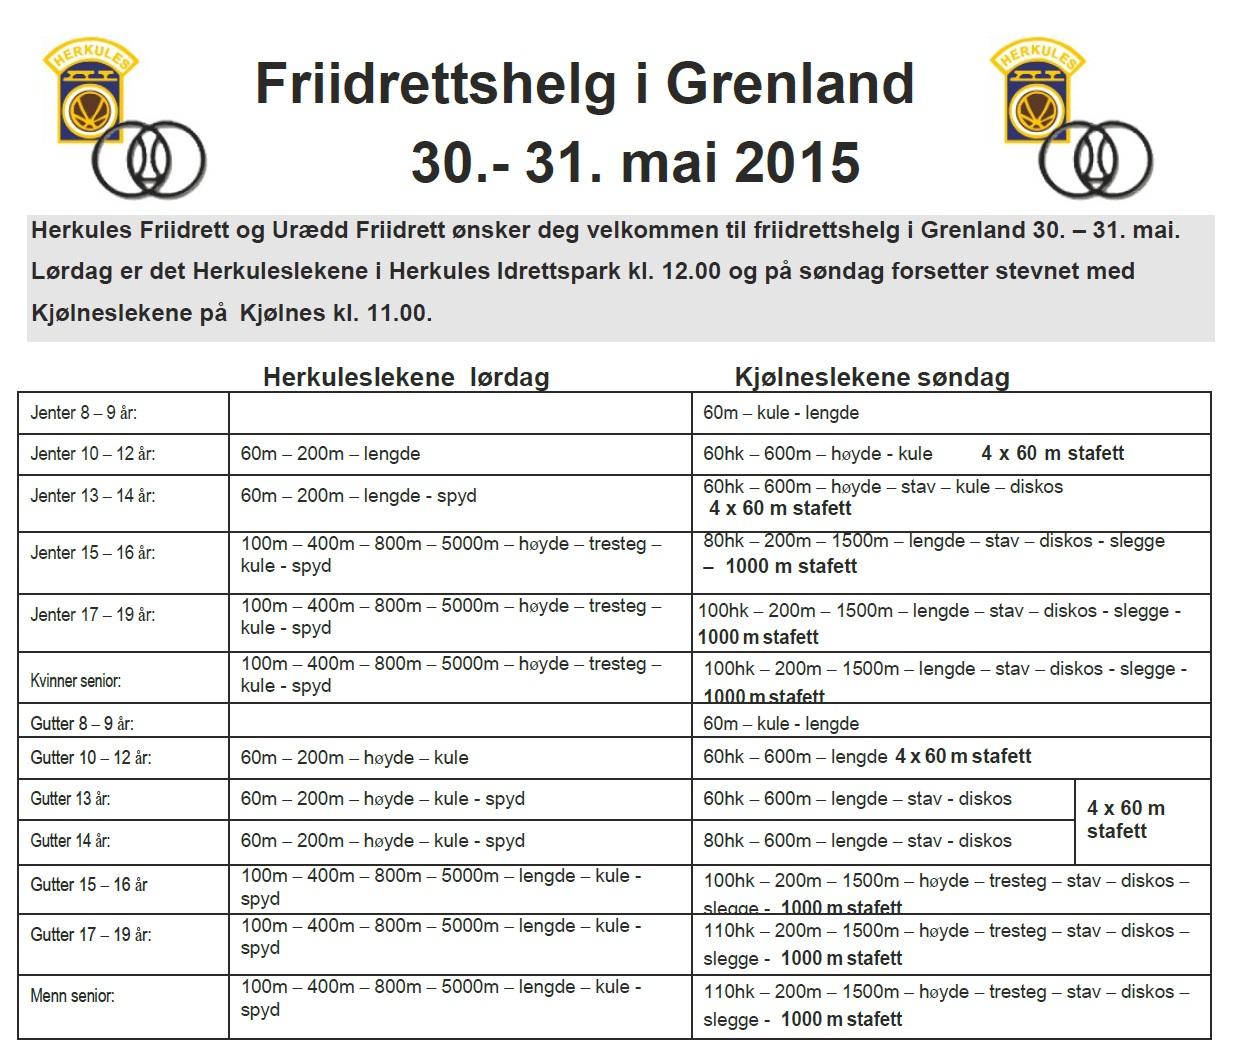 Herkules/Kjølneslekene 30/31 mai 2015